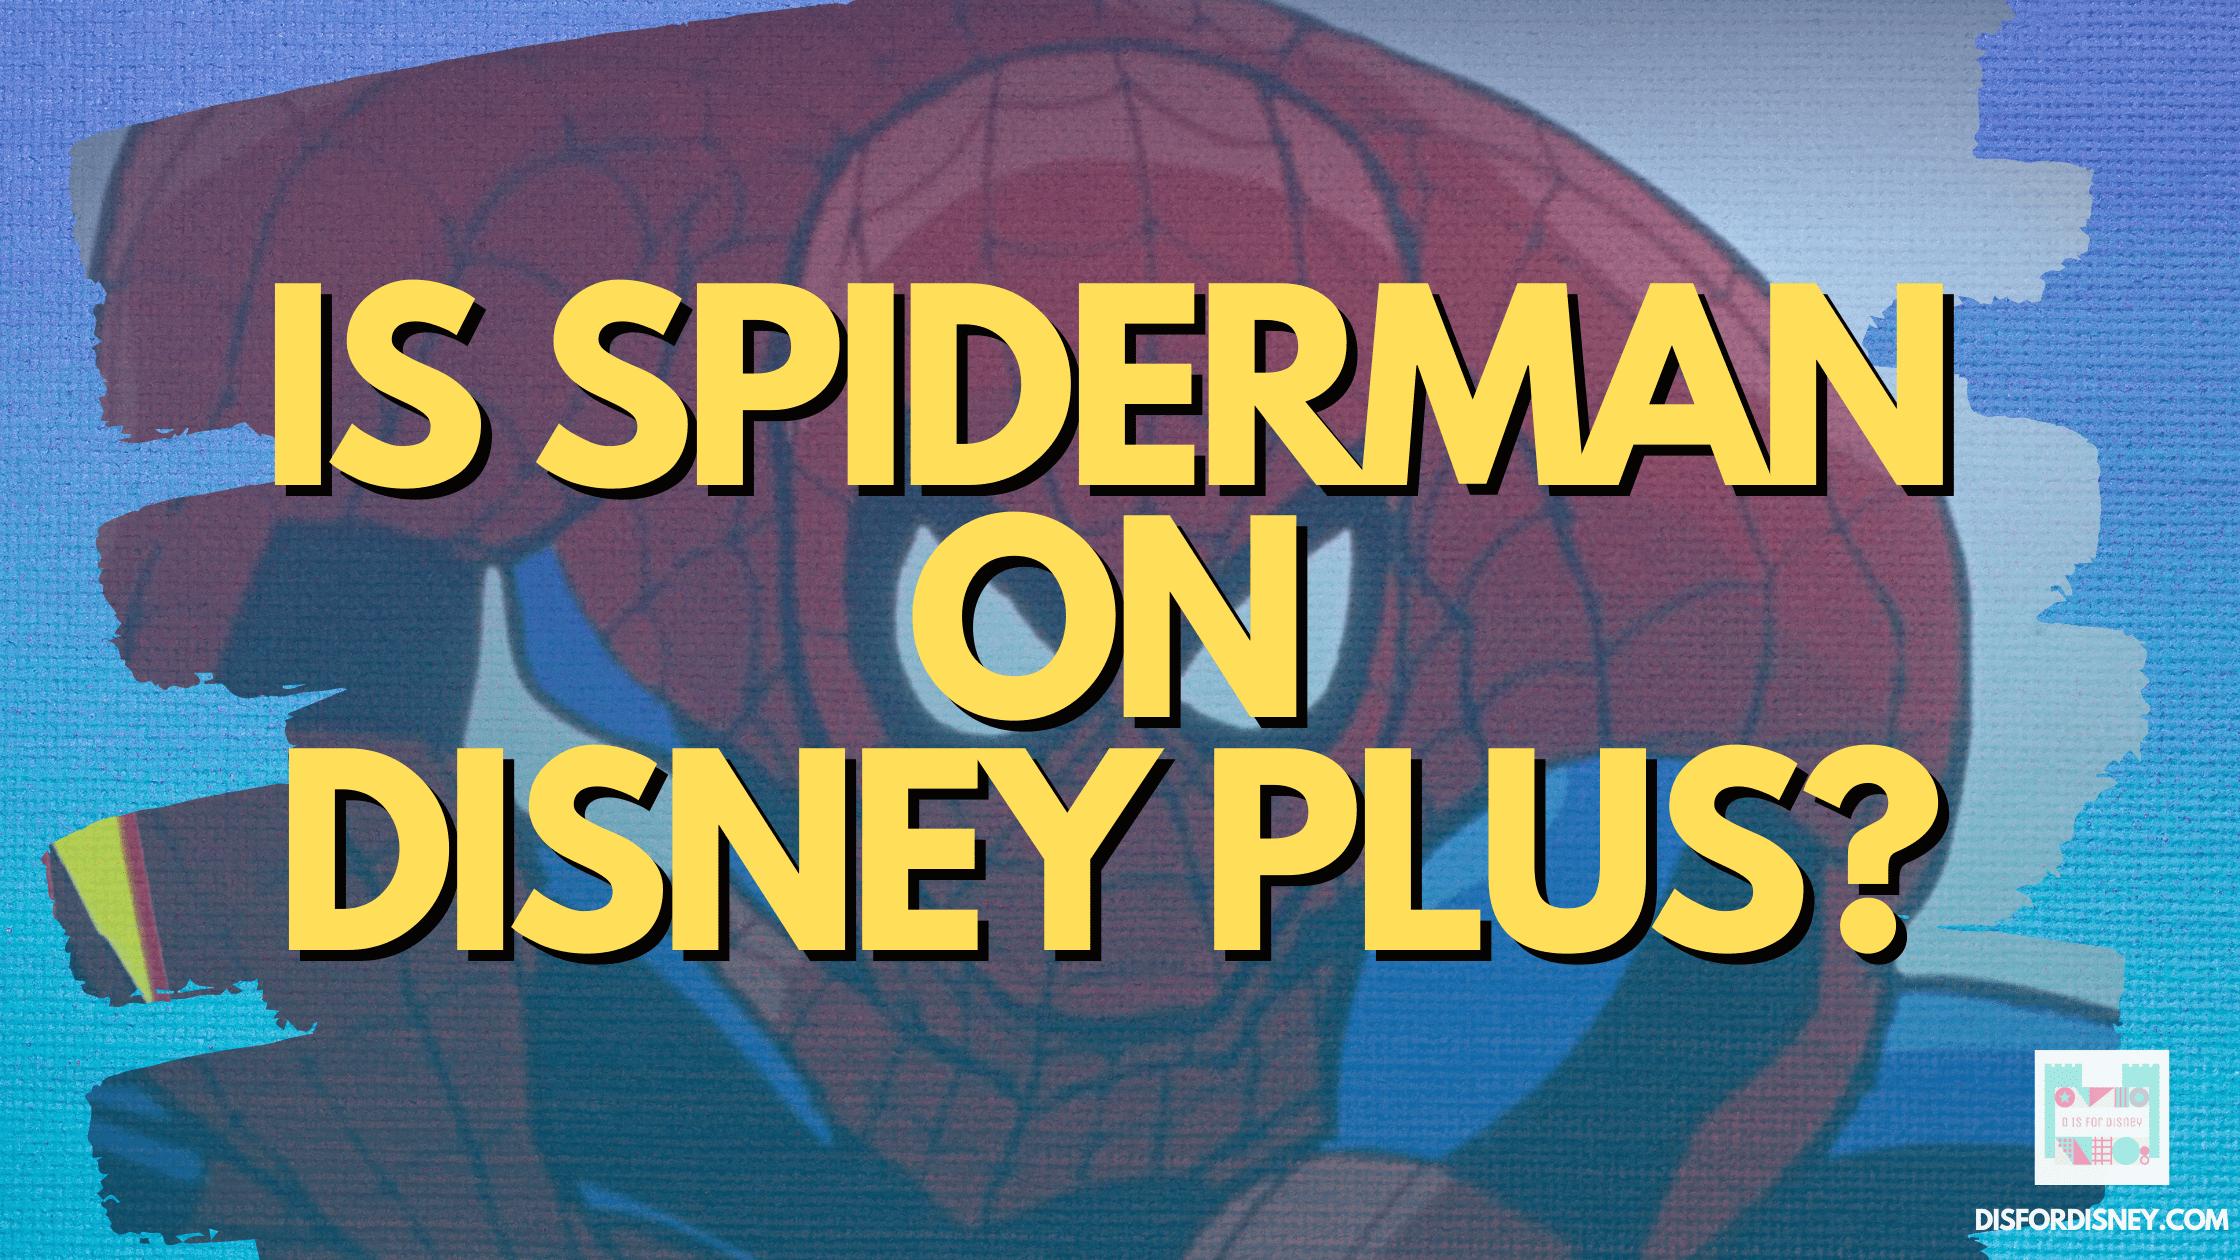 Is Spiderman on Disney Plus?